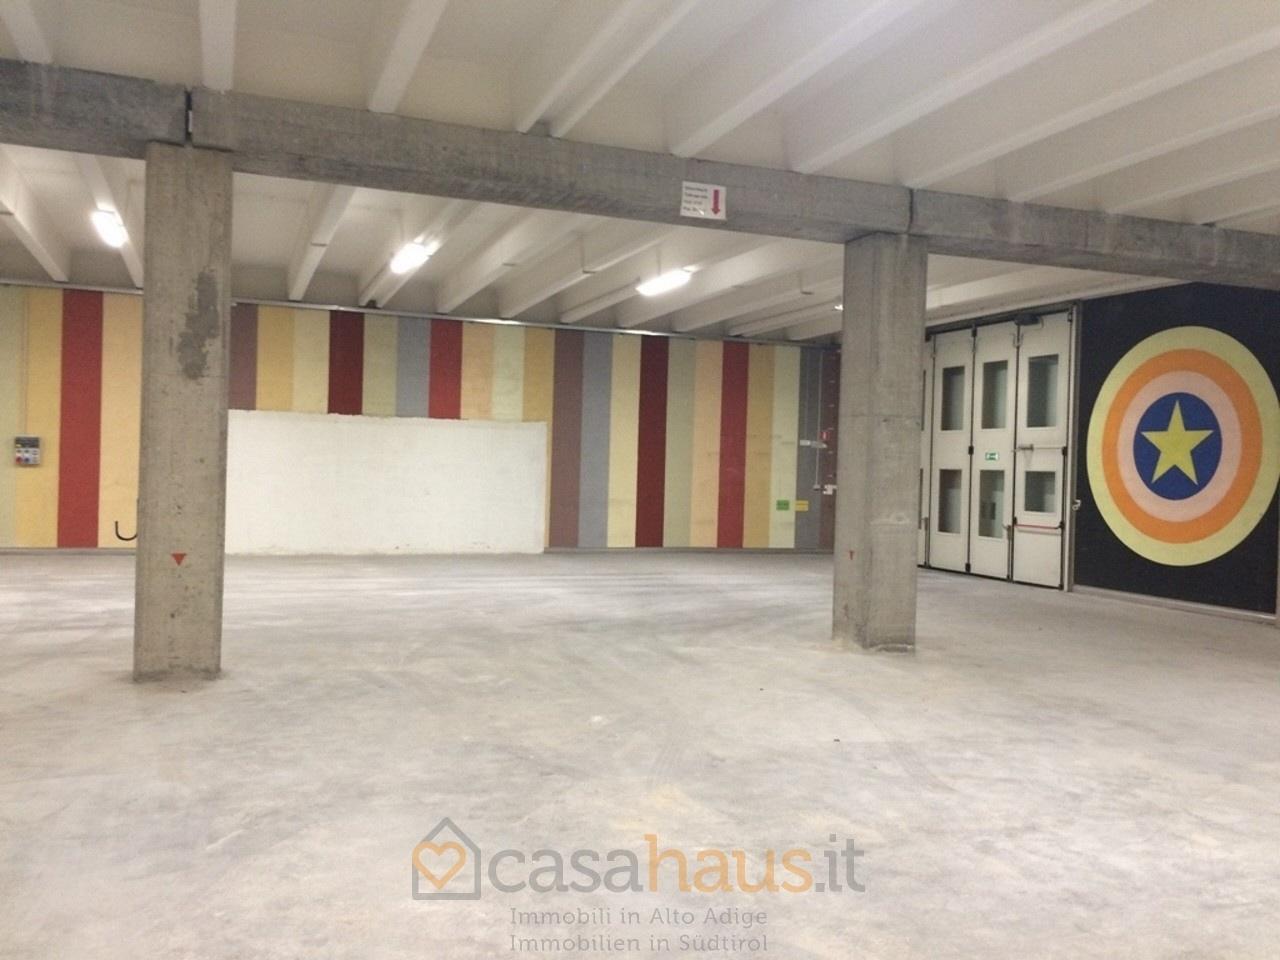 Magazzino in vendita a Bolzano, 1 locali, prezzo € 450.000 | PortaleAgenzieImmobiliari.it